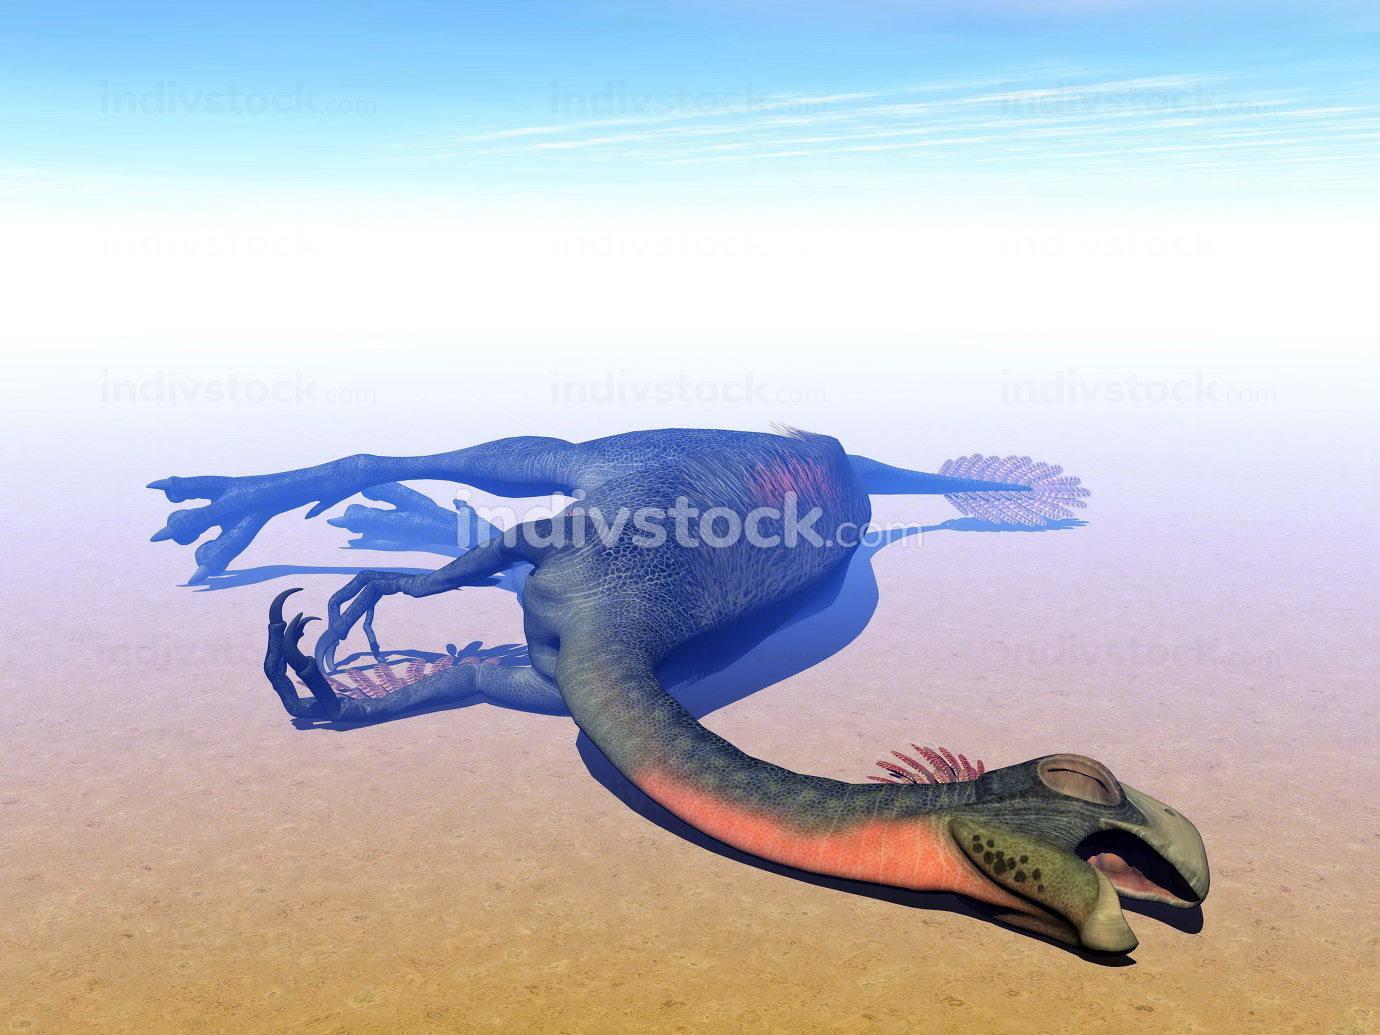 Dead gigantoraptor dinosaur - 3D render